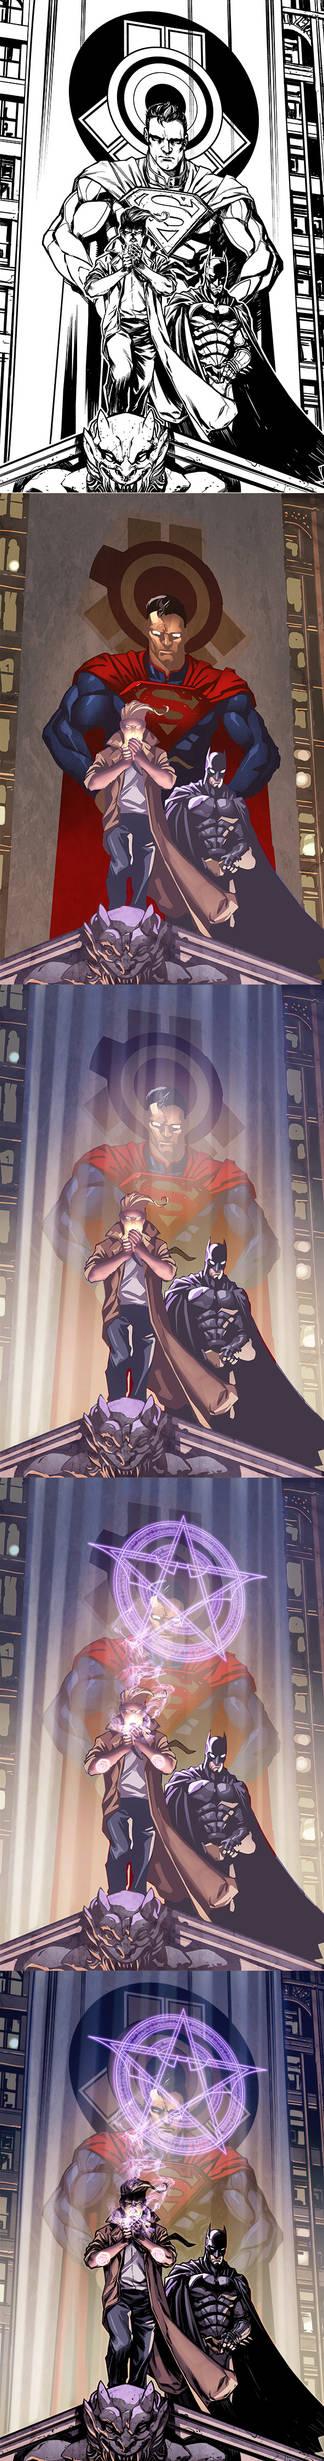 Injustice Y3 cover process